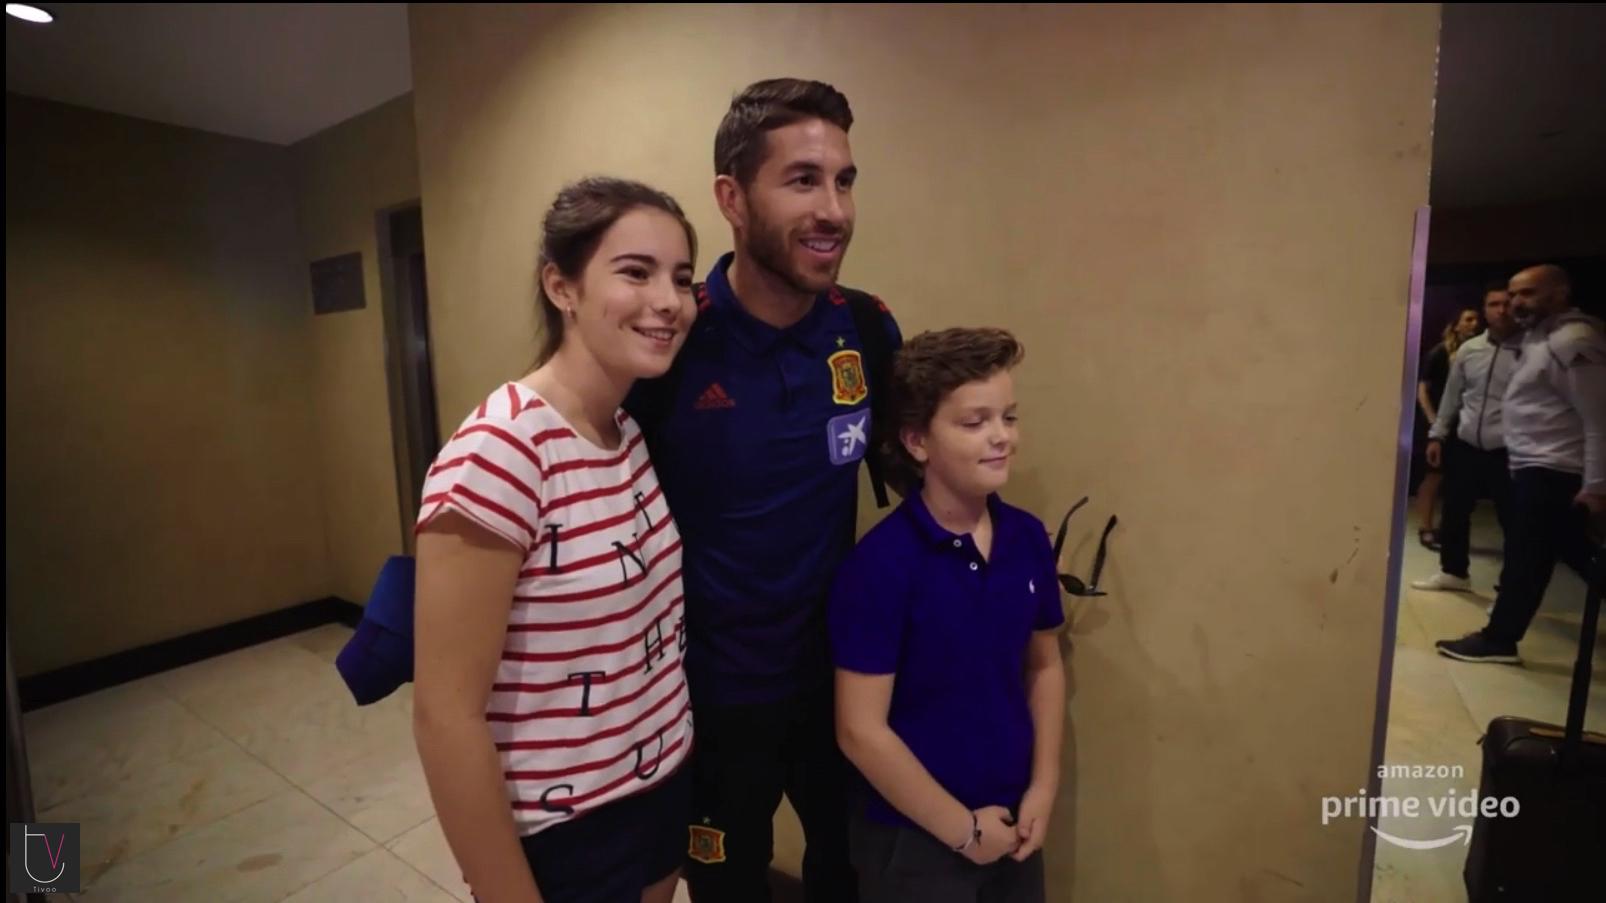 El Corazón de Sergio Ramos, l'esclusiva docu serie sul grande calciatore su Prime Video